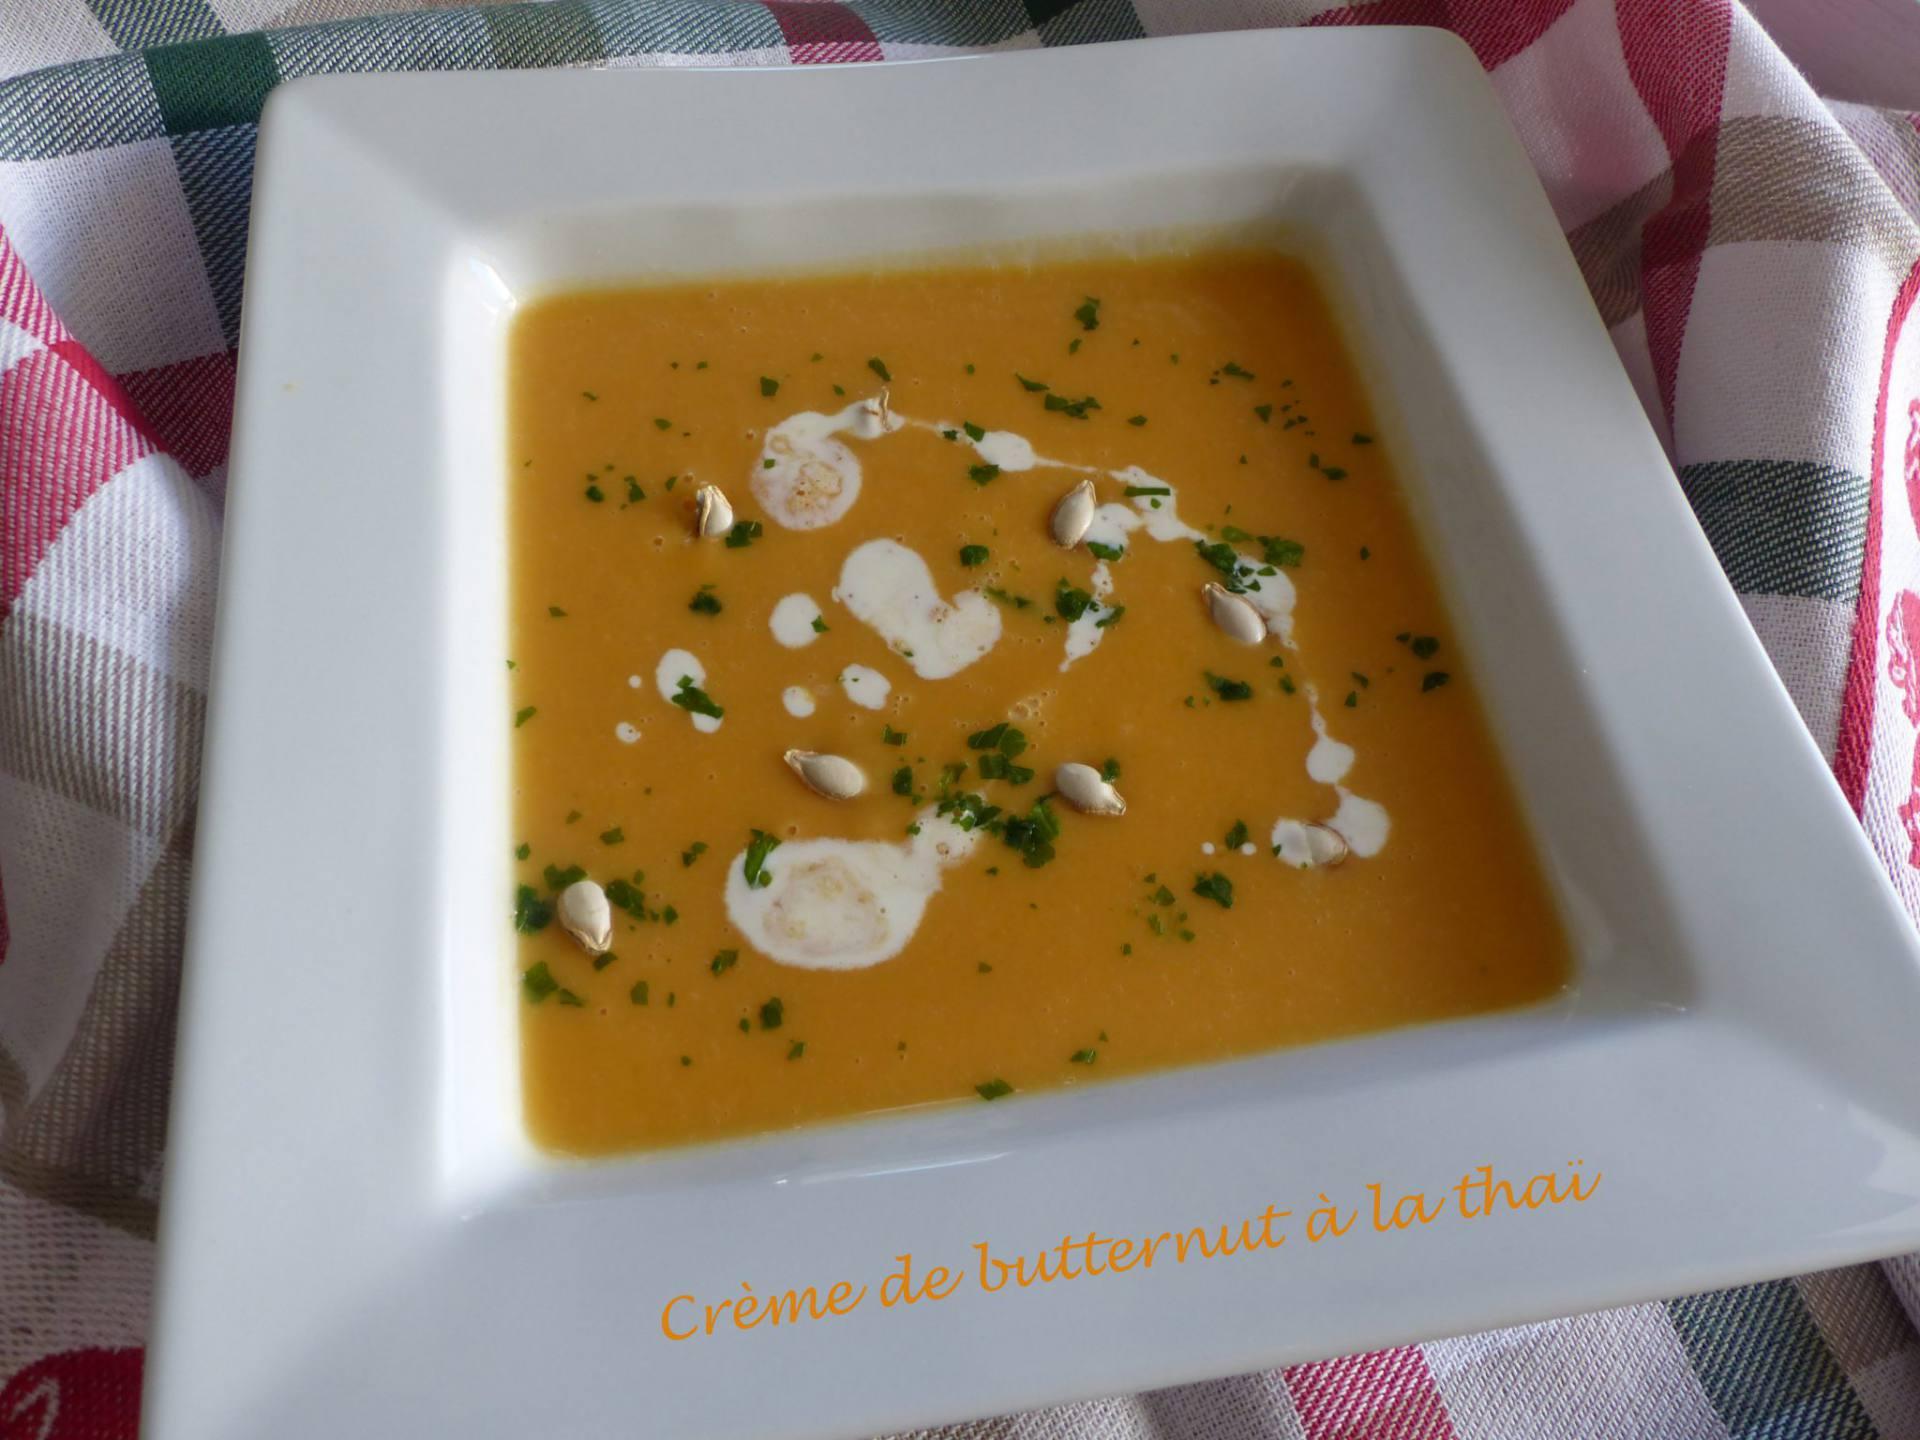 Crème de butternut à la thaï P1150565 R